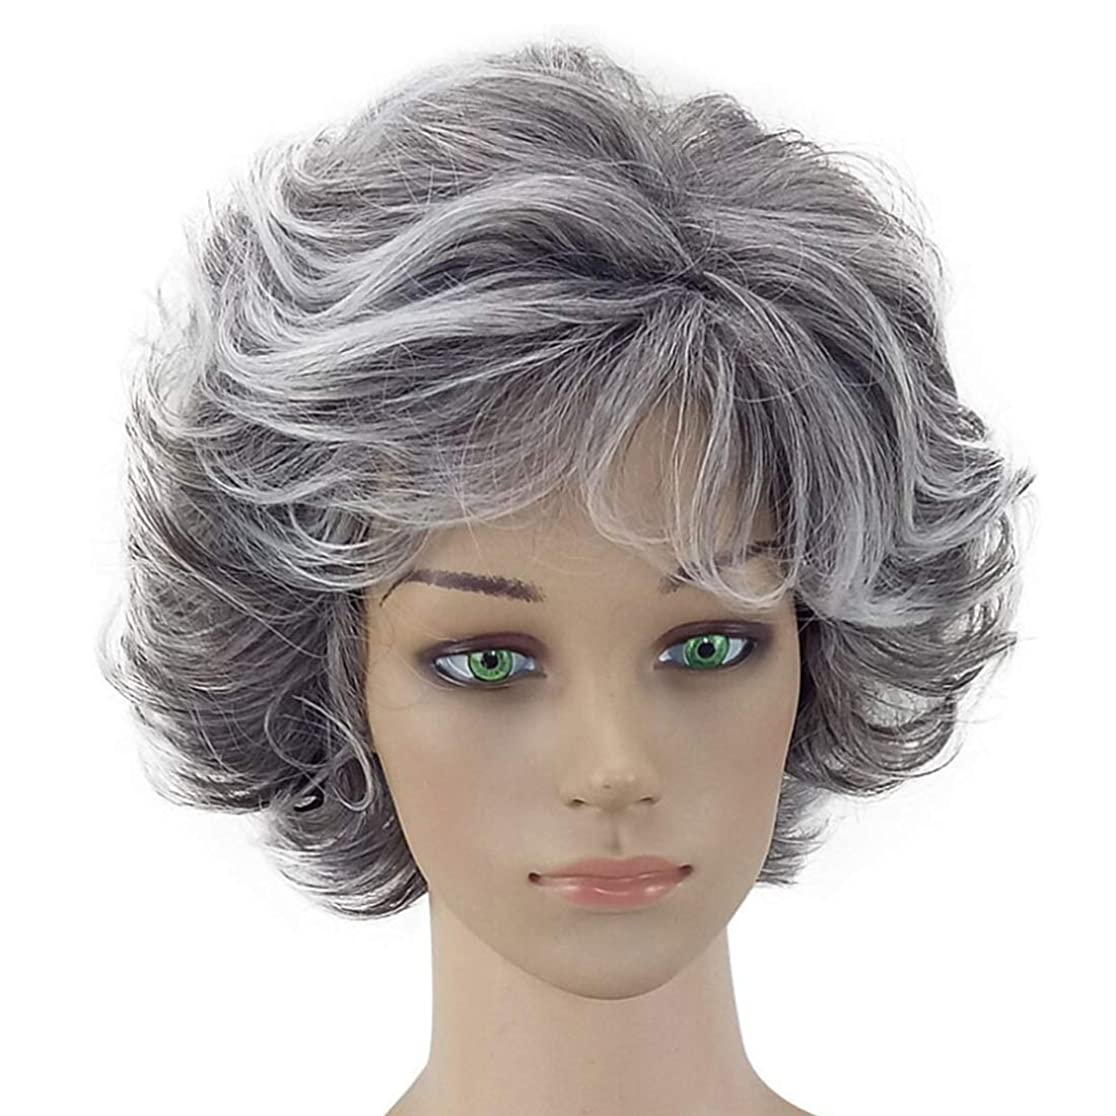 シャークガラガラうるさいMayalina おばあちゃん灰色のアフリカの短いアフロカーリーウィッグコスプレ衣装パーティーのための自然な波状のかつら無料ウィッグキャップ合成髪レースかつらロールプレイングかつら (色 : Granny Grey, サイズ : ワンサイズ)